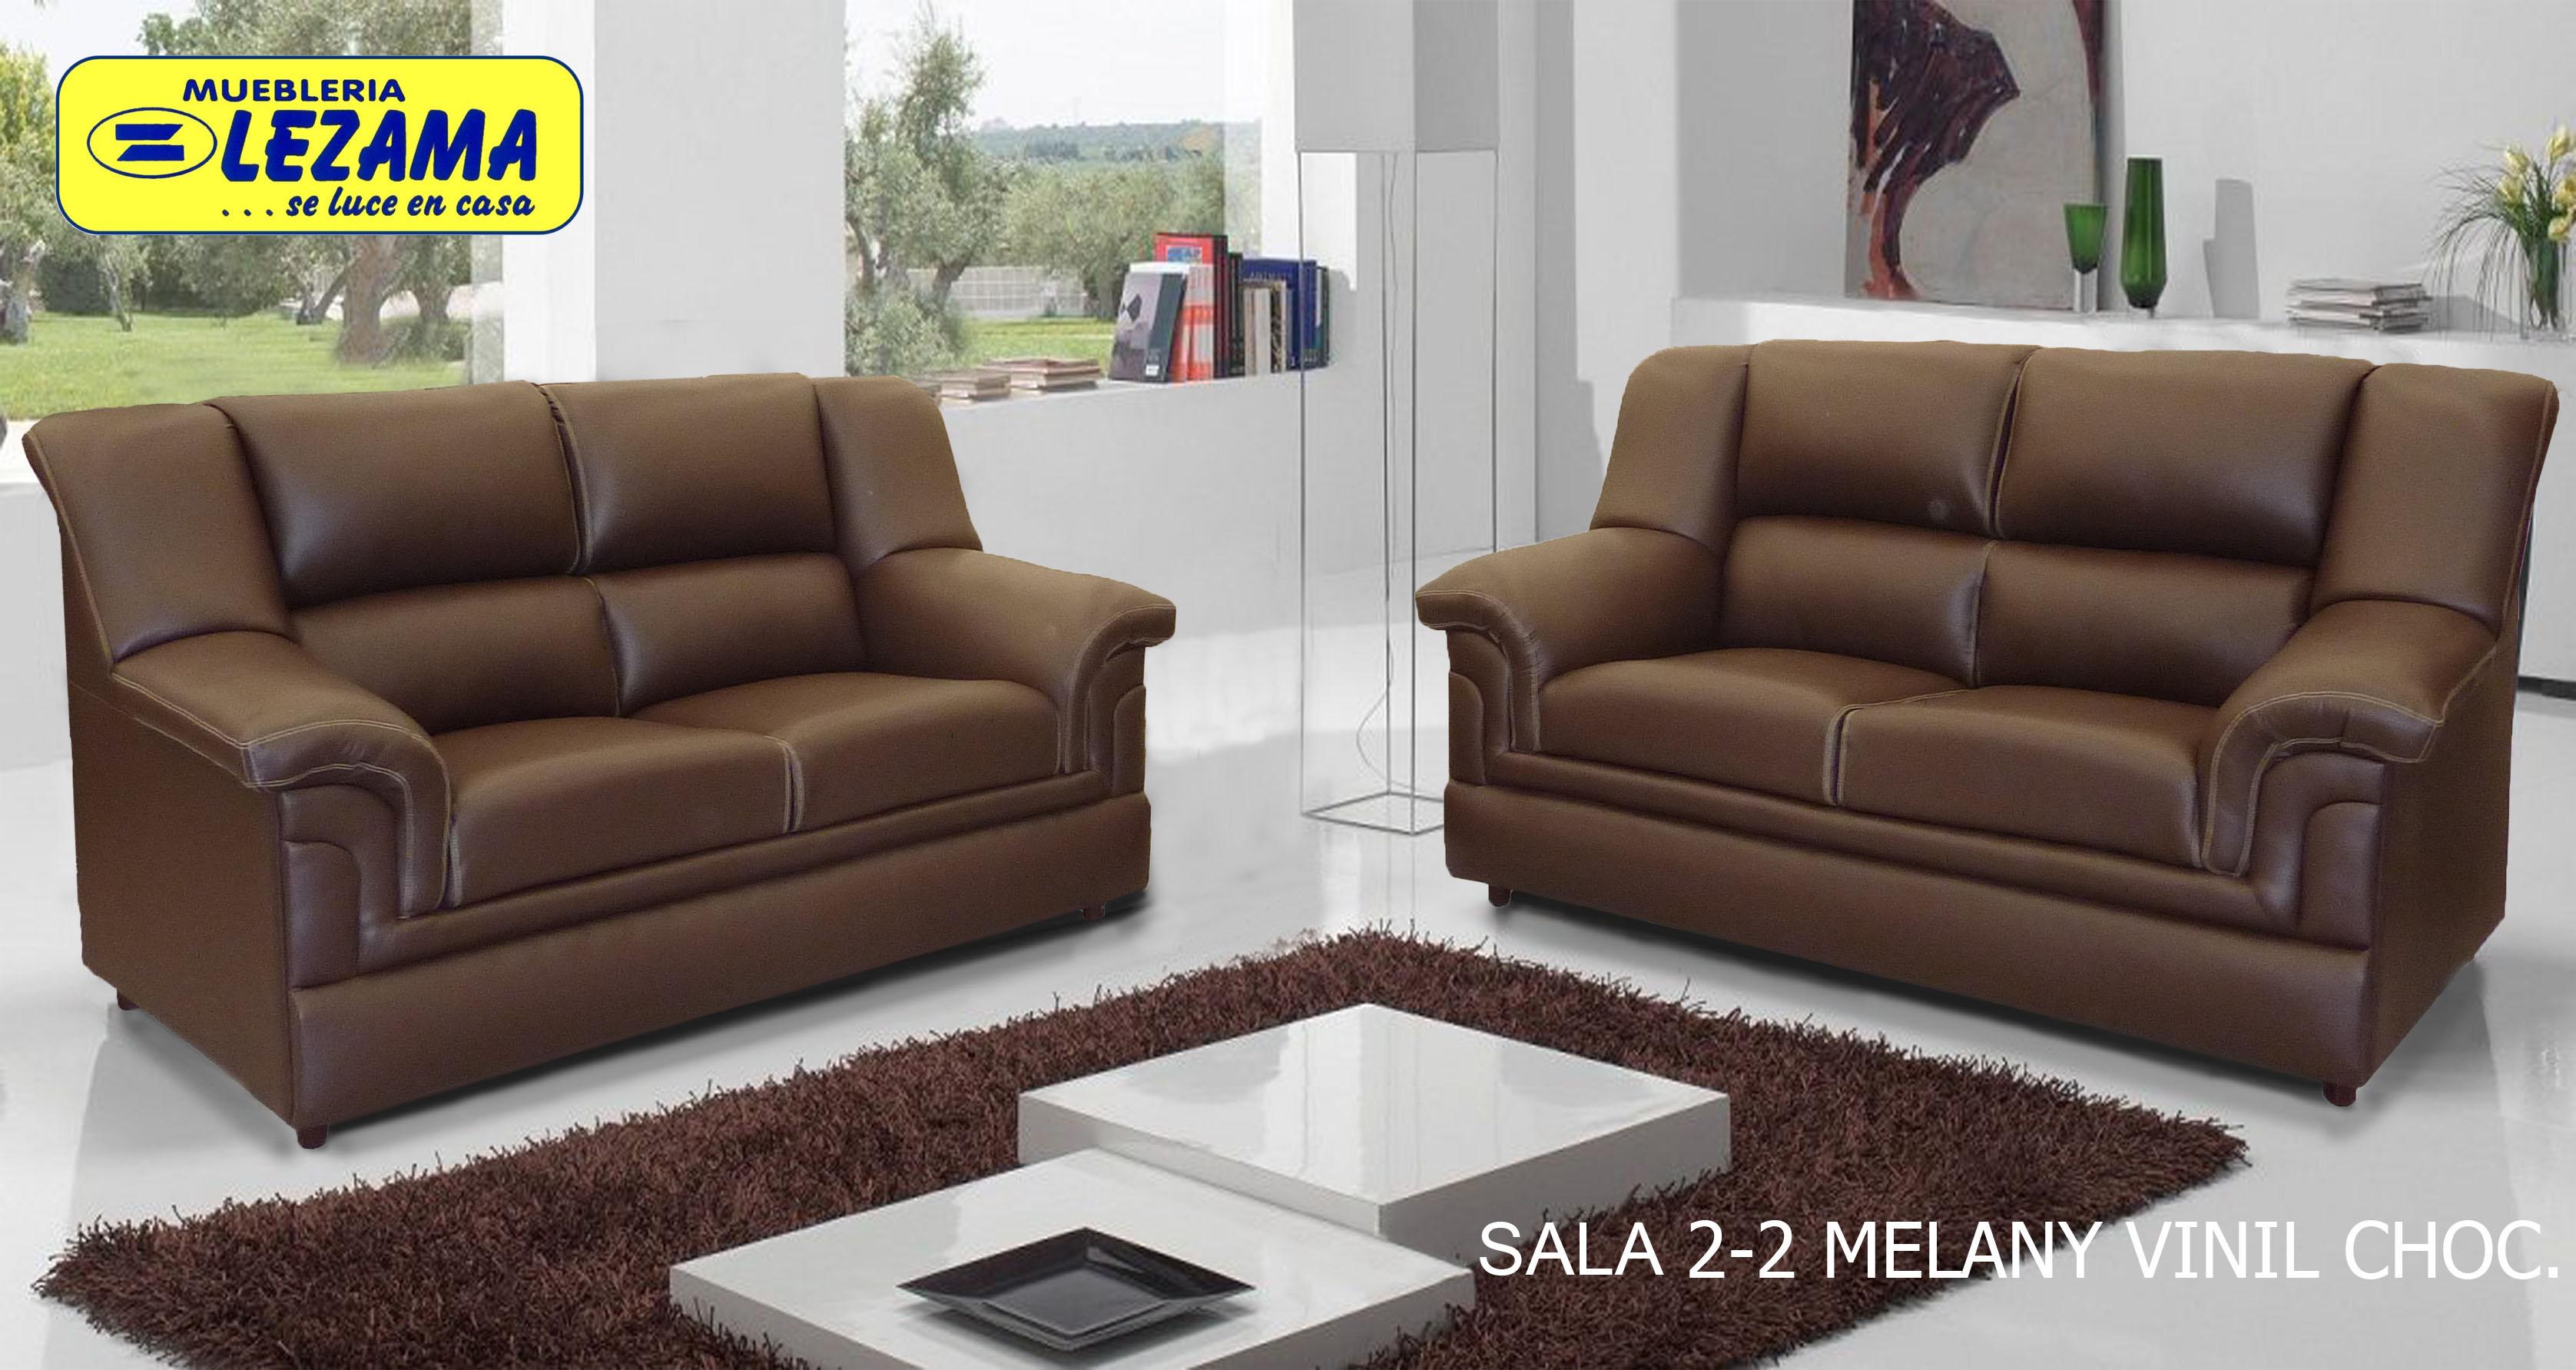 SALA__2-2_MELANY_VINIL_CHOCOLATELISTA.